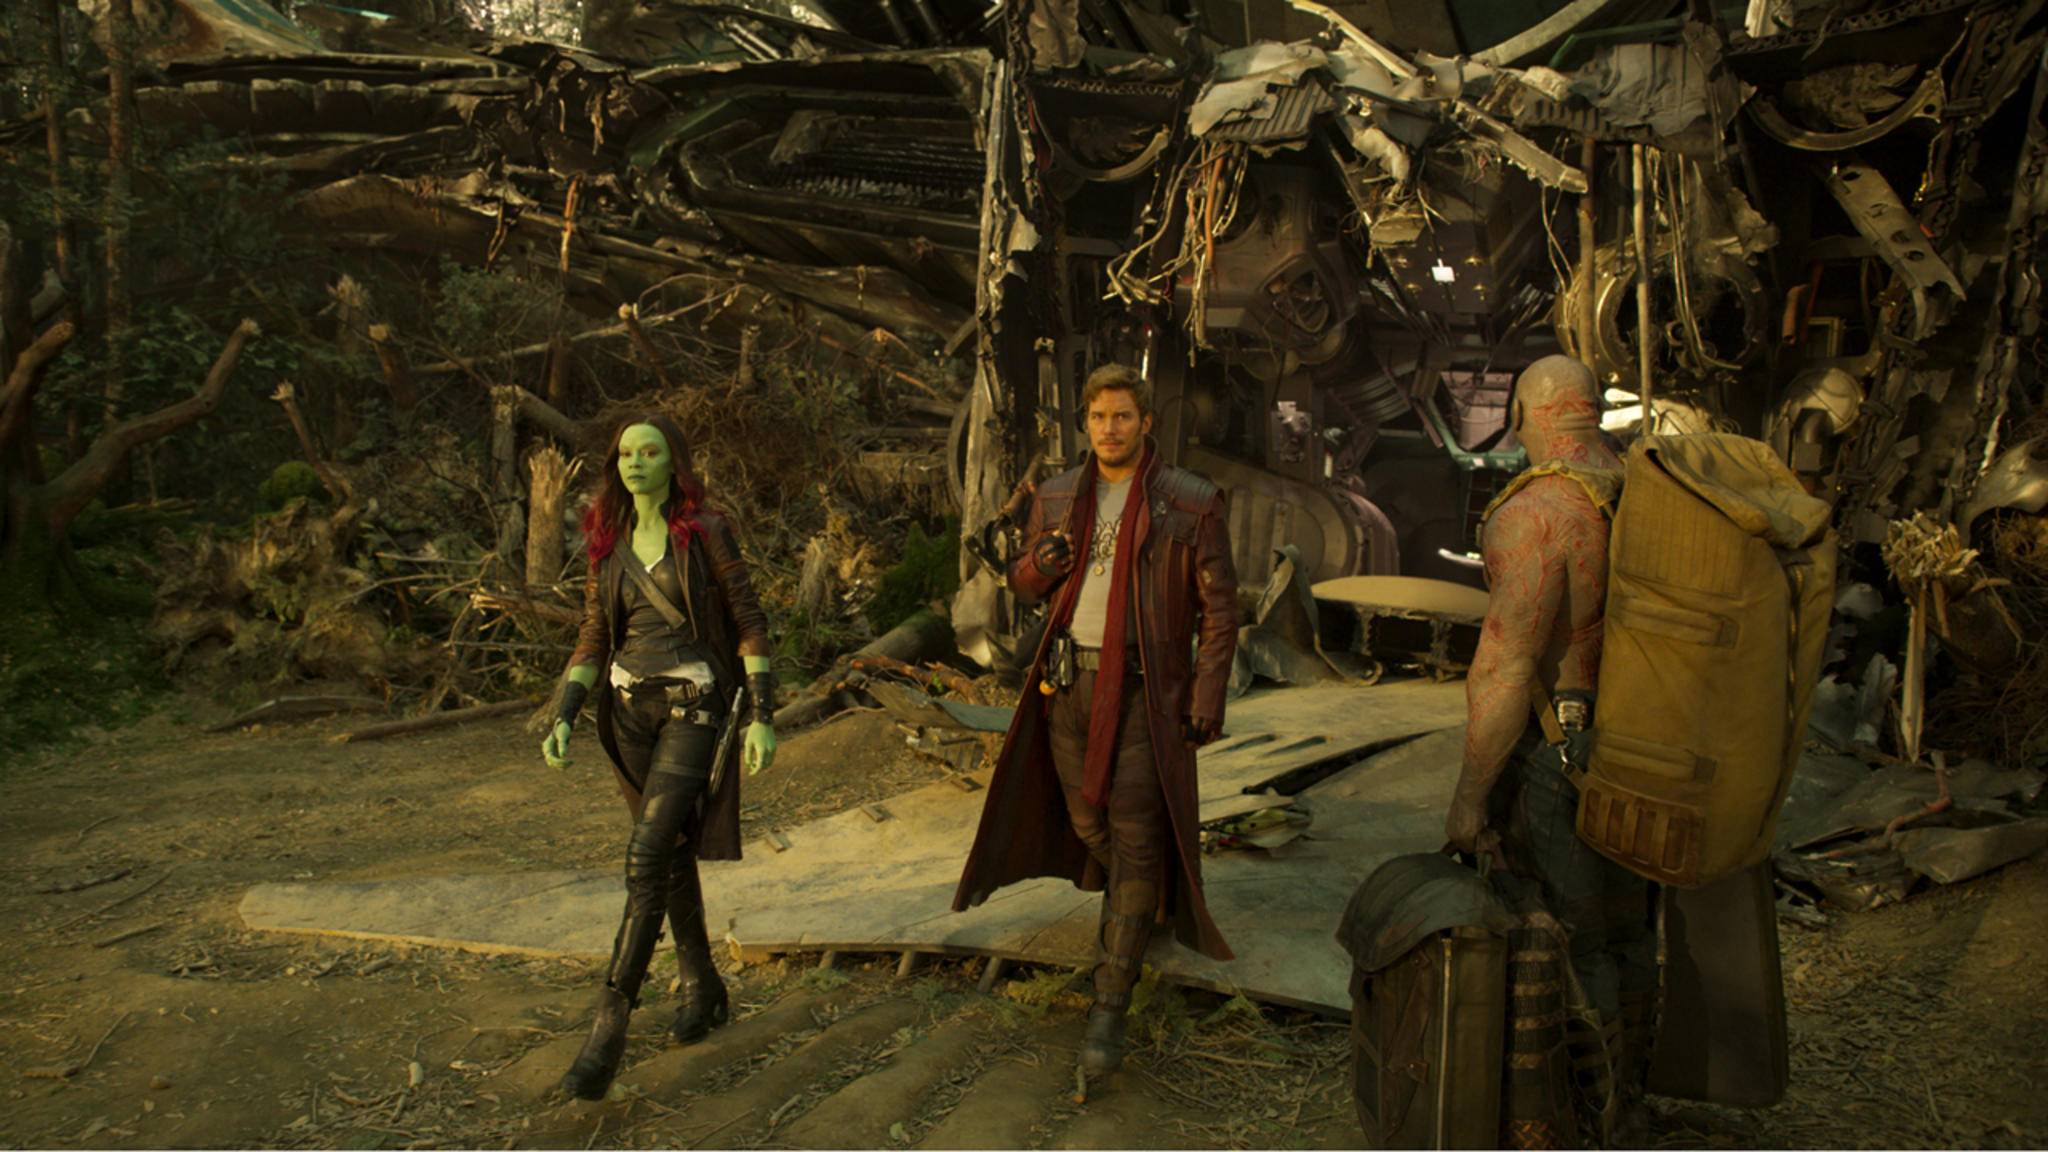 Wenn die Guardians of the Galaxy bald wieder das Universum retten, darf die passende Musik nicht fehlen.